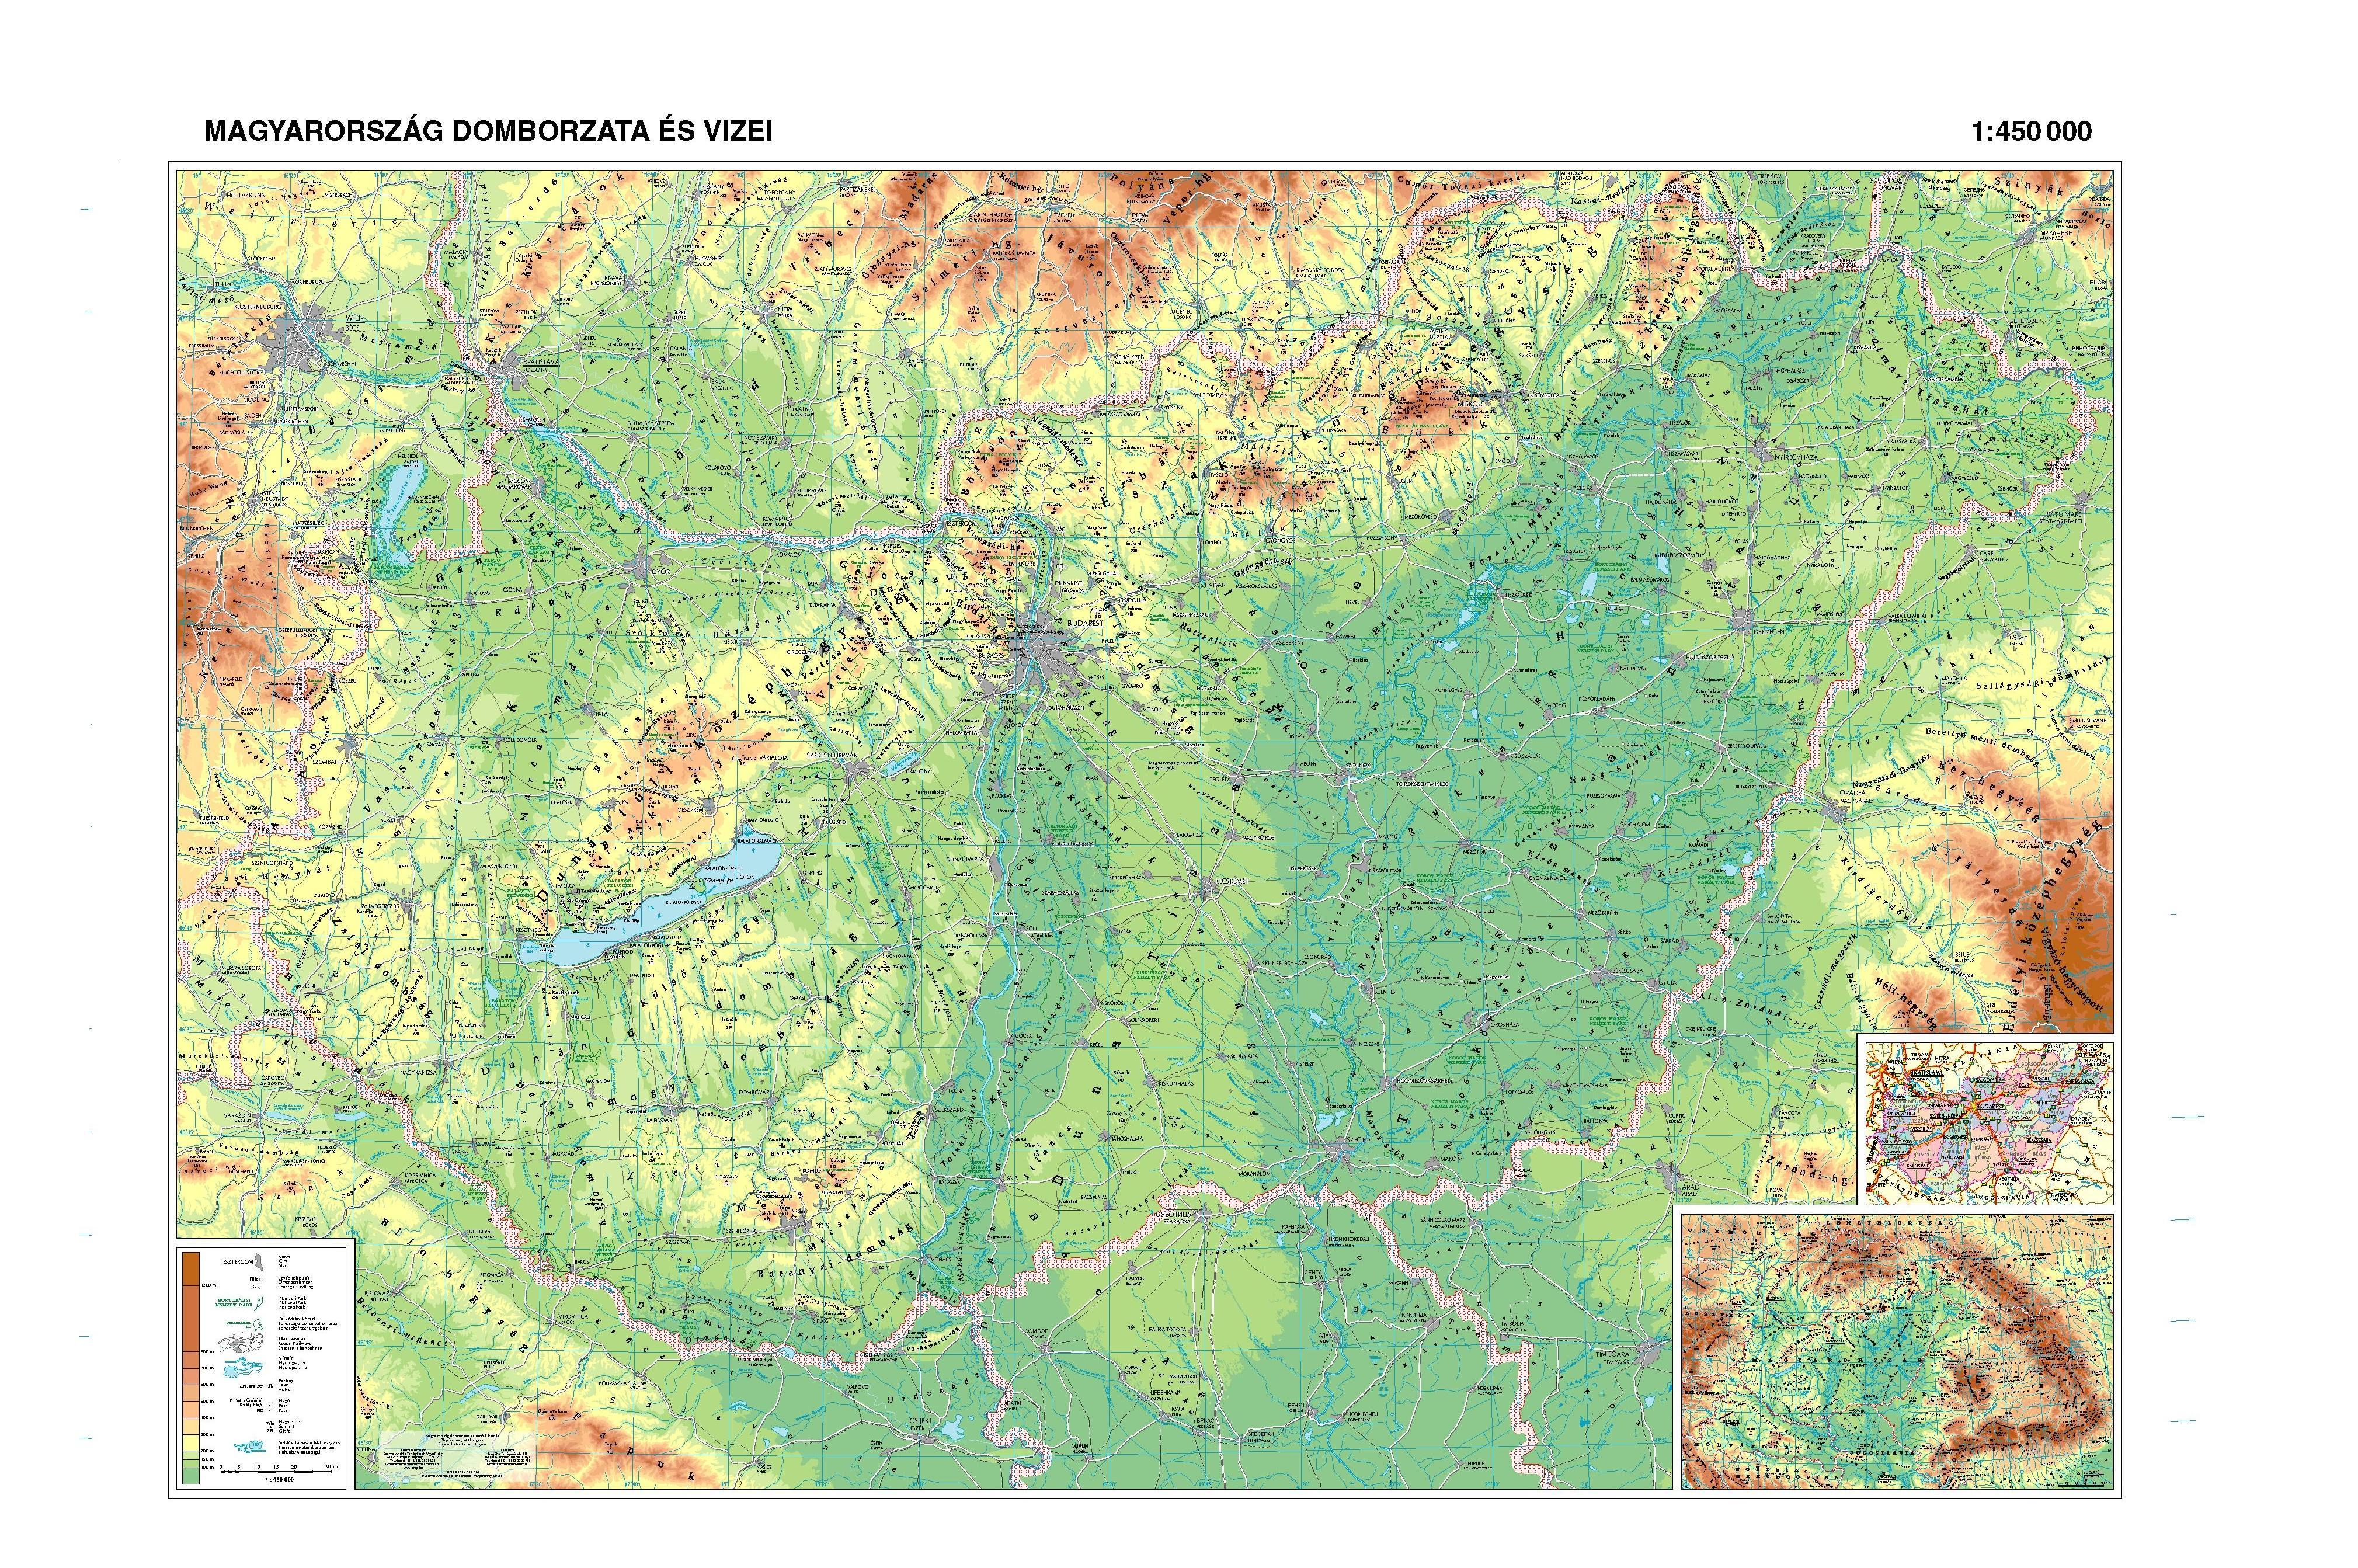 budapest tengerszint feletti magassága térkép Hibernia Nova Kft. budapest tengerszint feletti magassága térkép